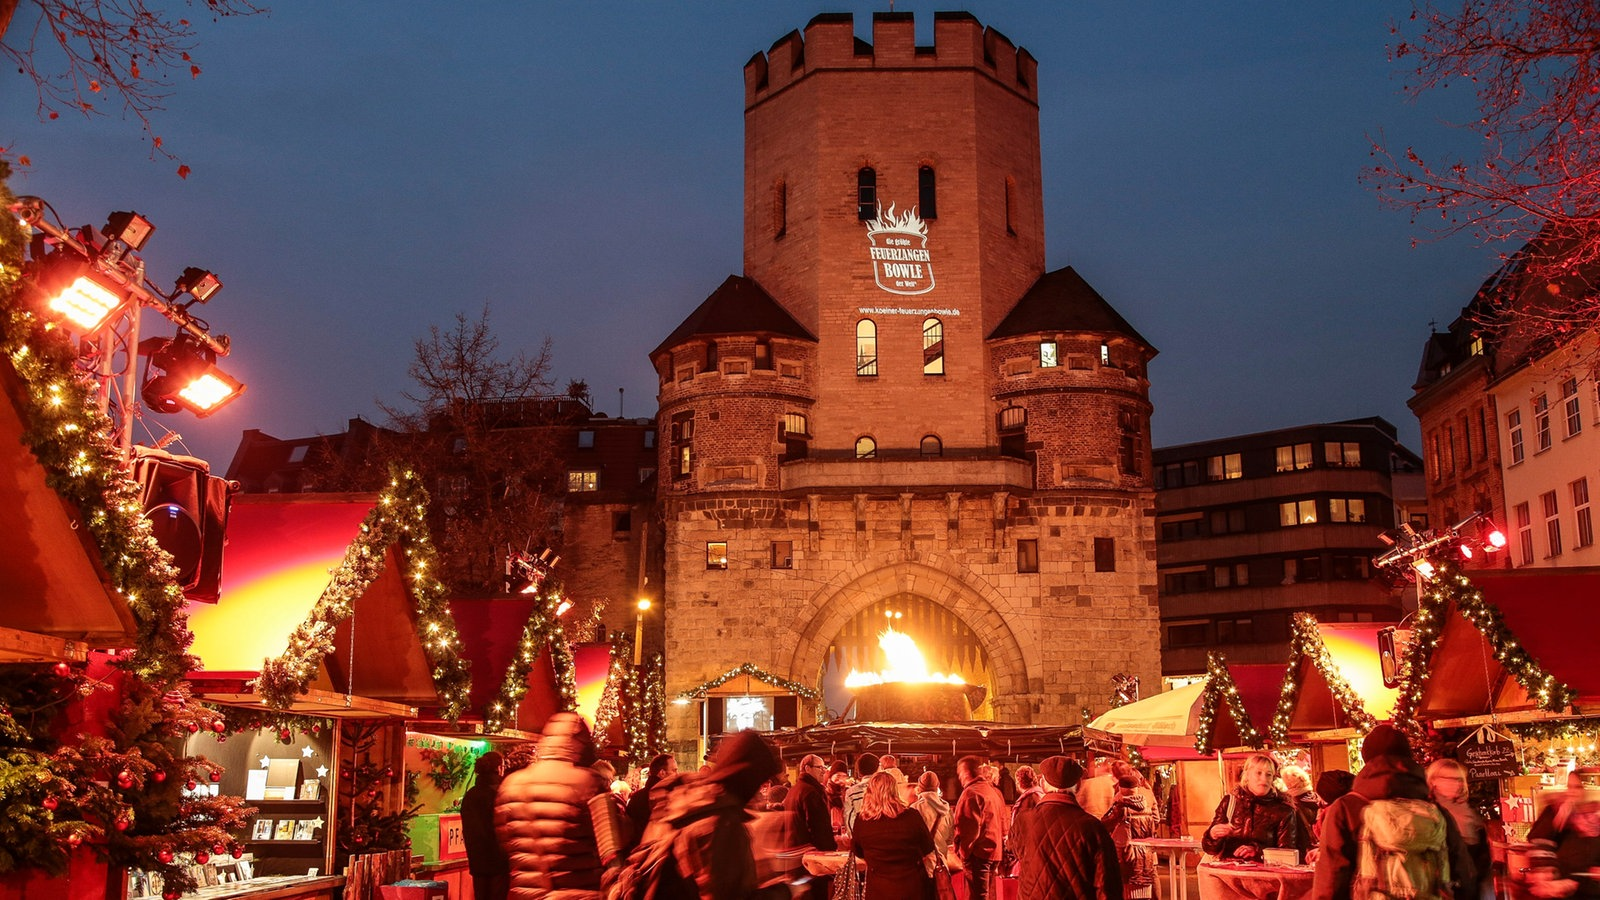 Weihnachtsmarkt Chlodwigplatz